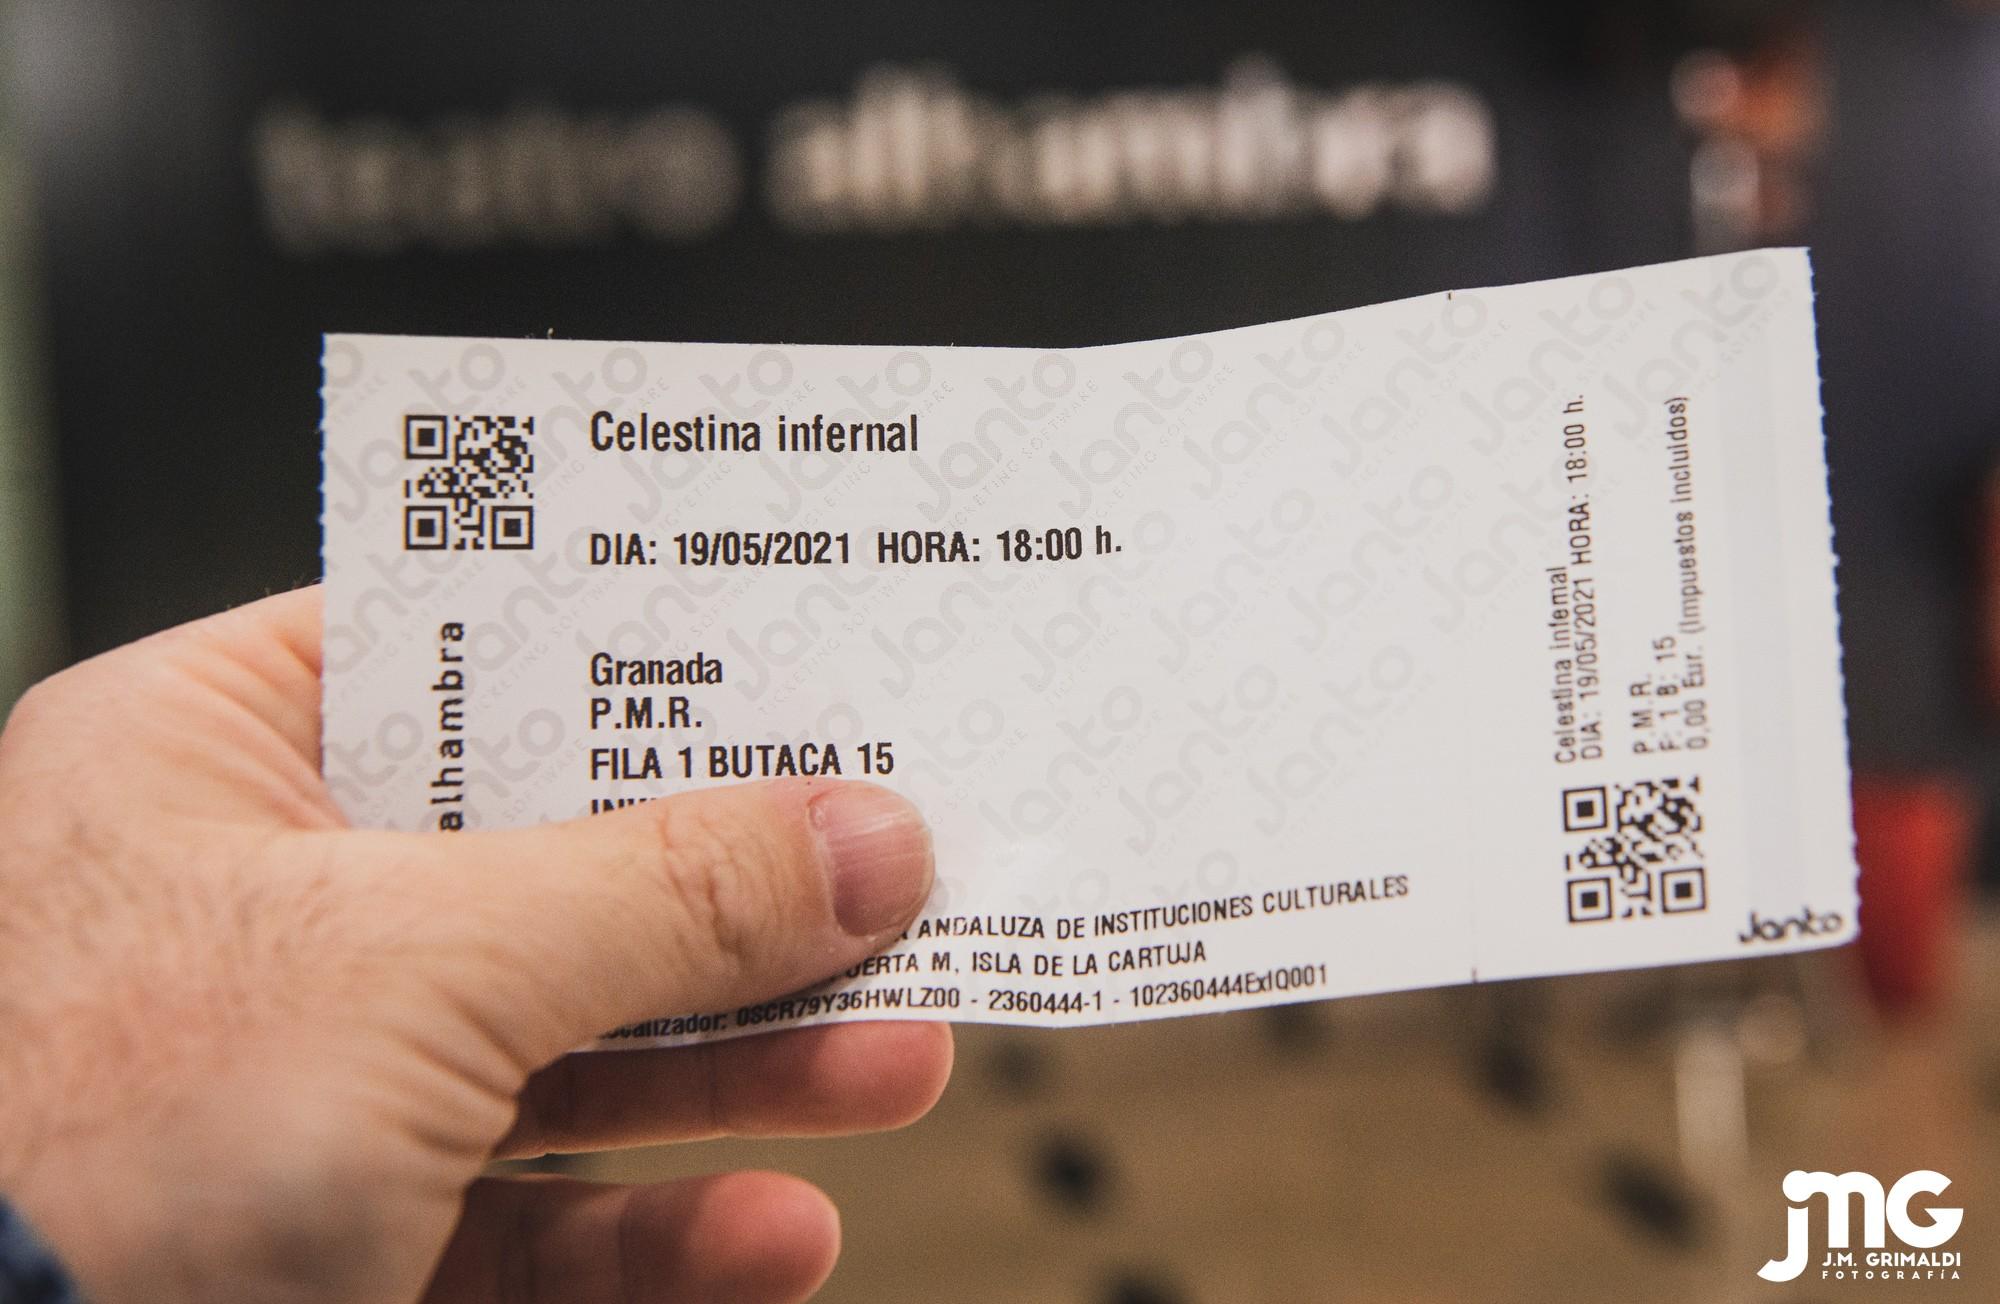 CELESTINA INFERNAL 02